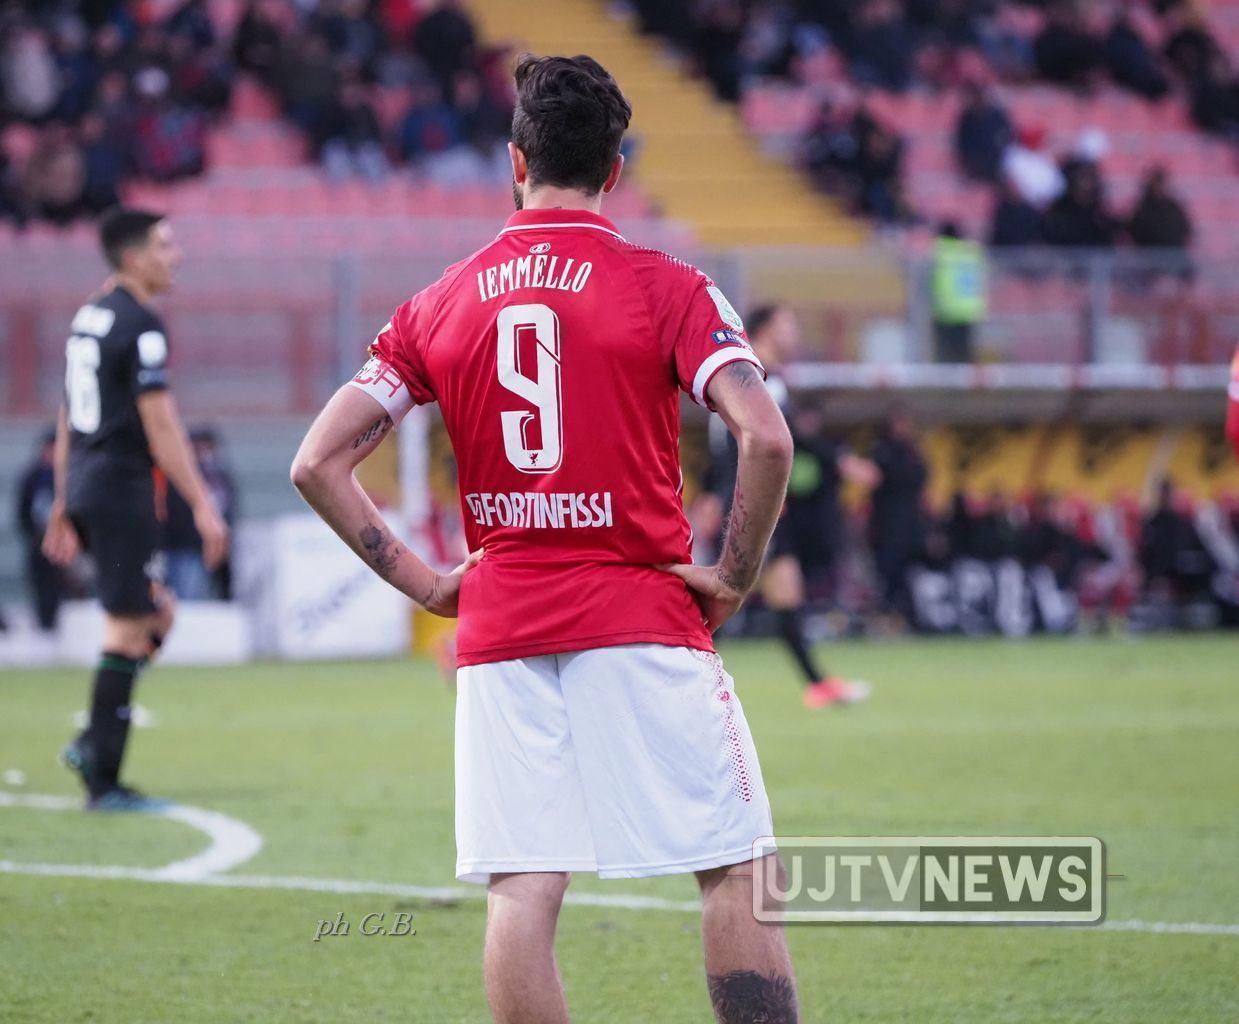 Coppa Italia: tripletta del Brescia, Perugia ha svolto un allenamento